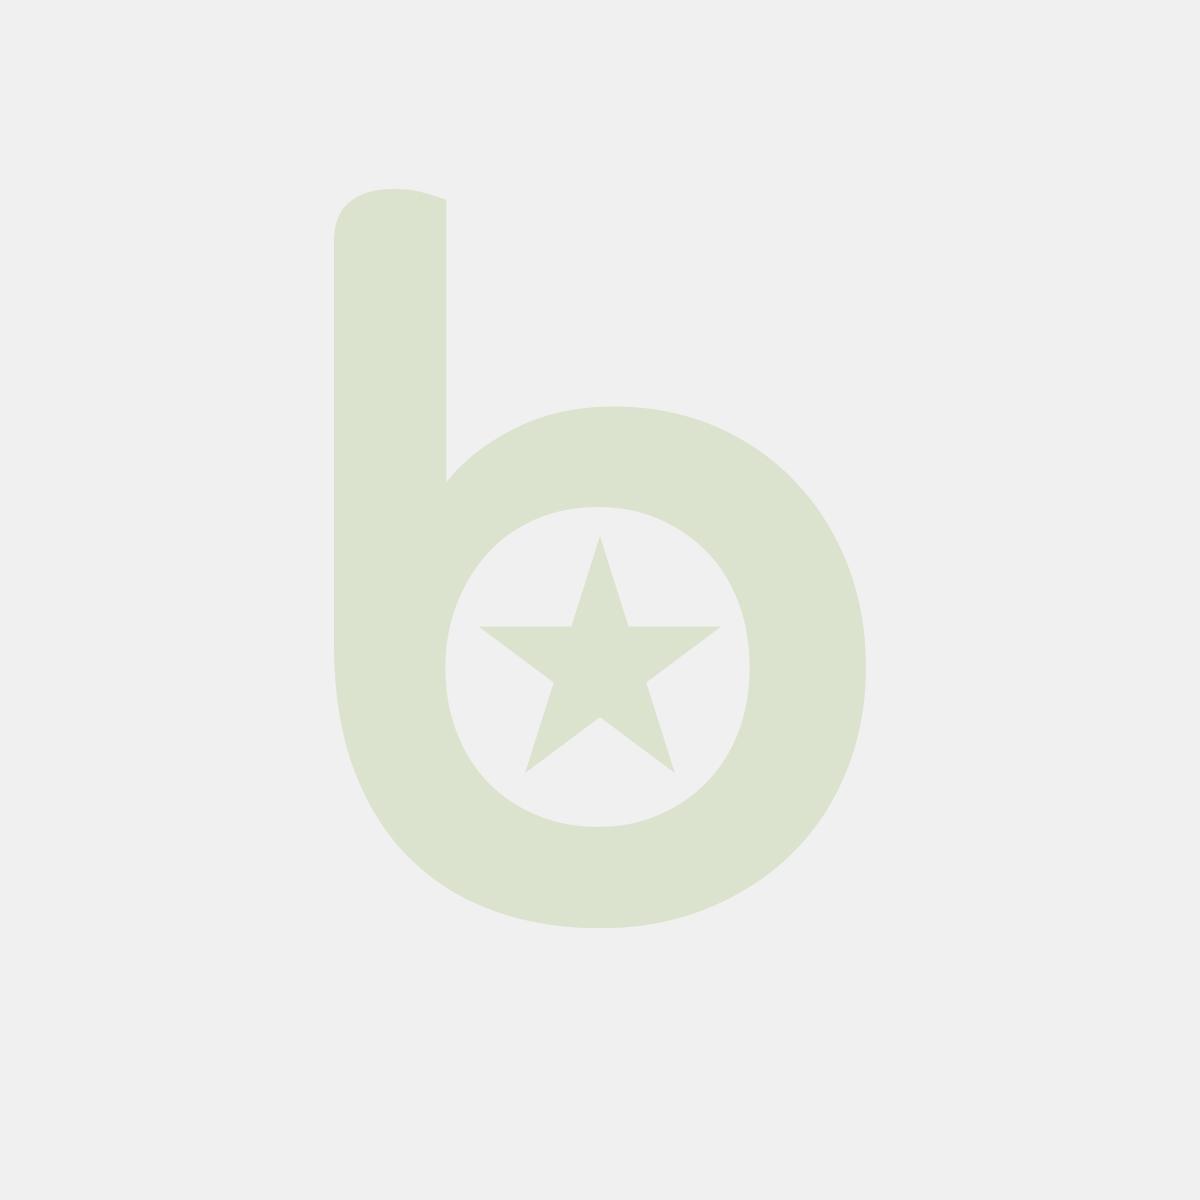 Miseczka FINGERFOOD biała, PS, szer/dł/wys: 6,2/6,2/5,5 25 szt. w opakowaniu